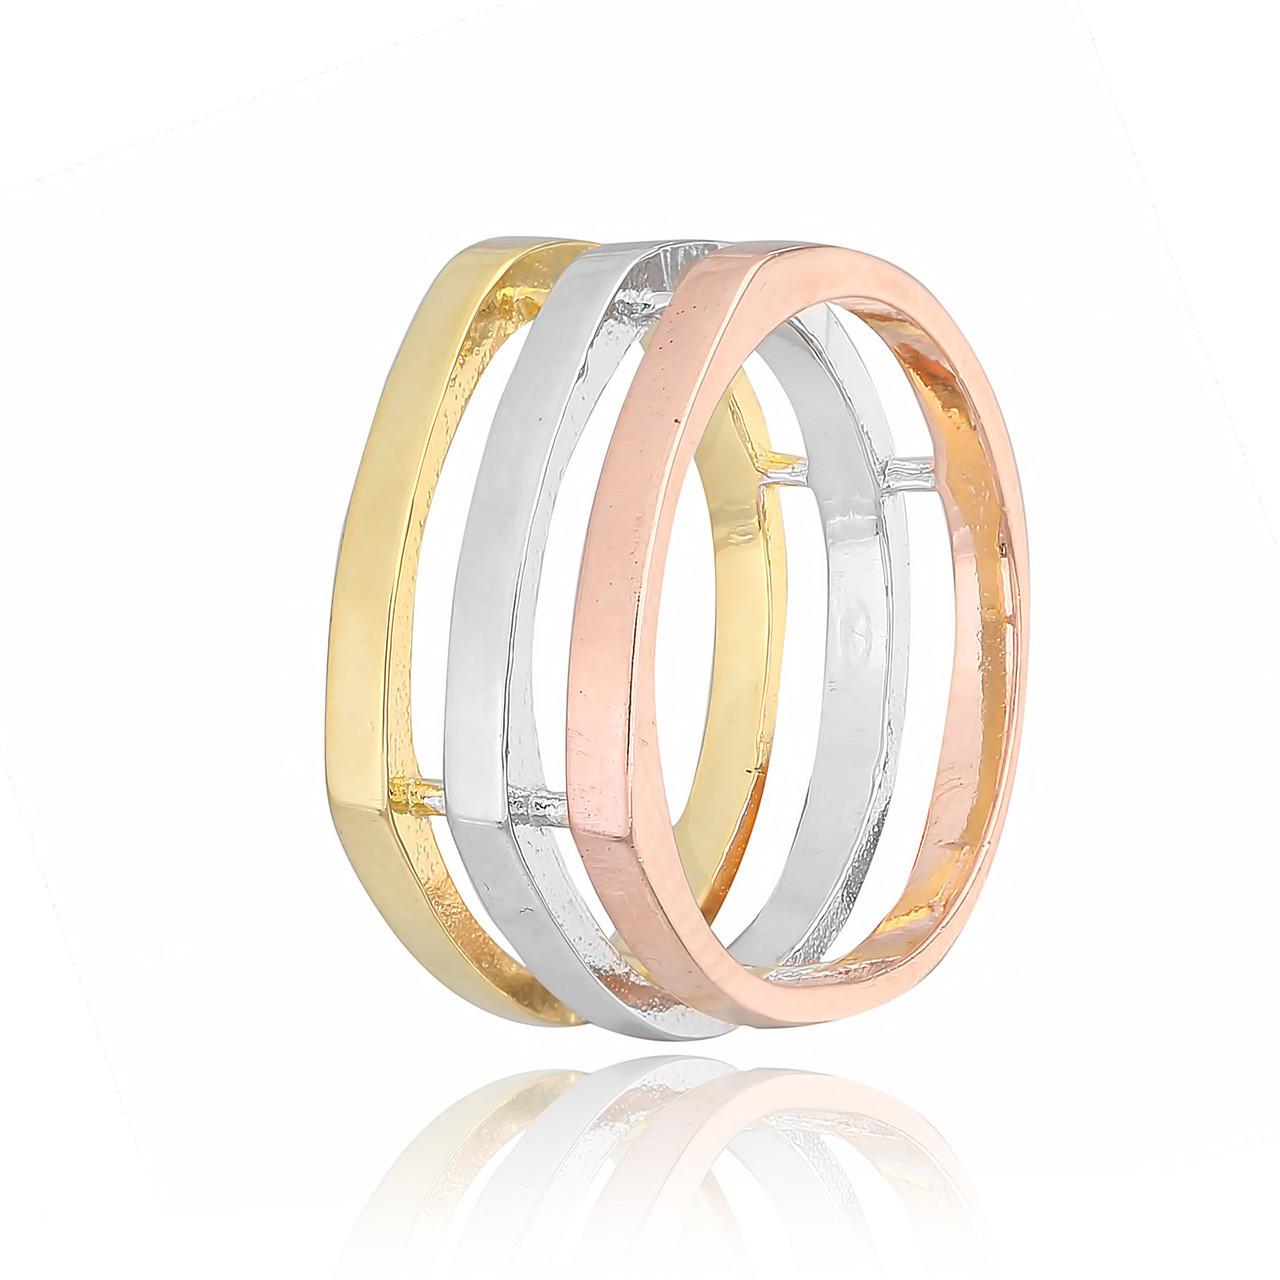 Серебряное кольцо позолоченное К234/421 - 18,5